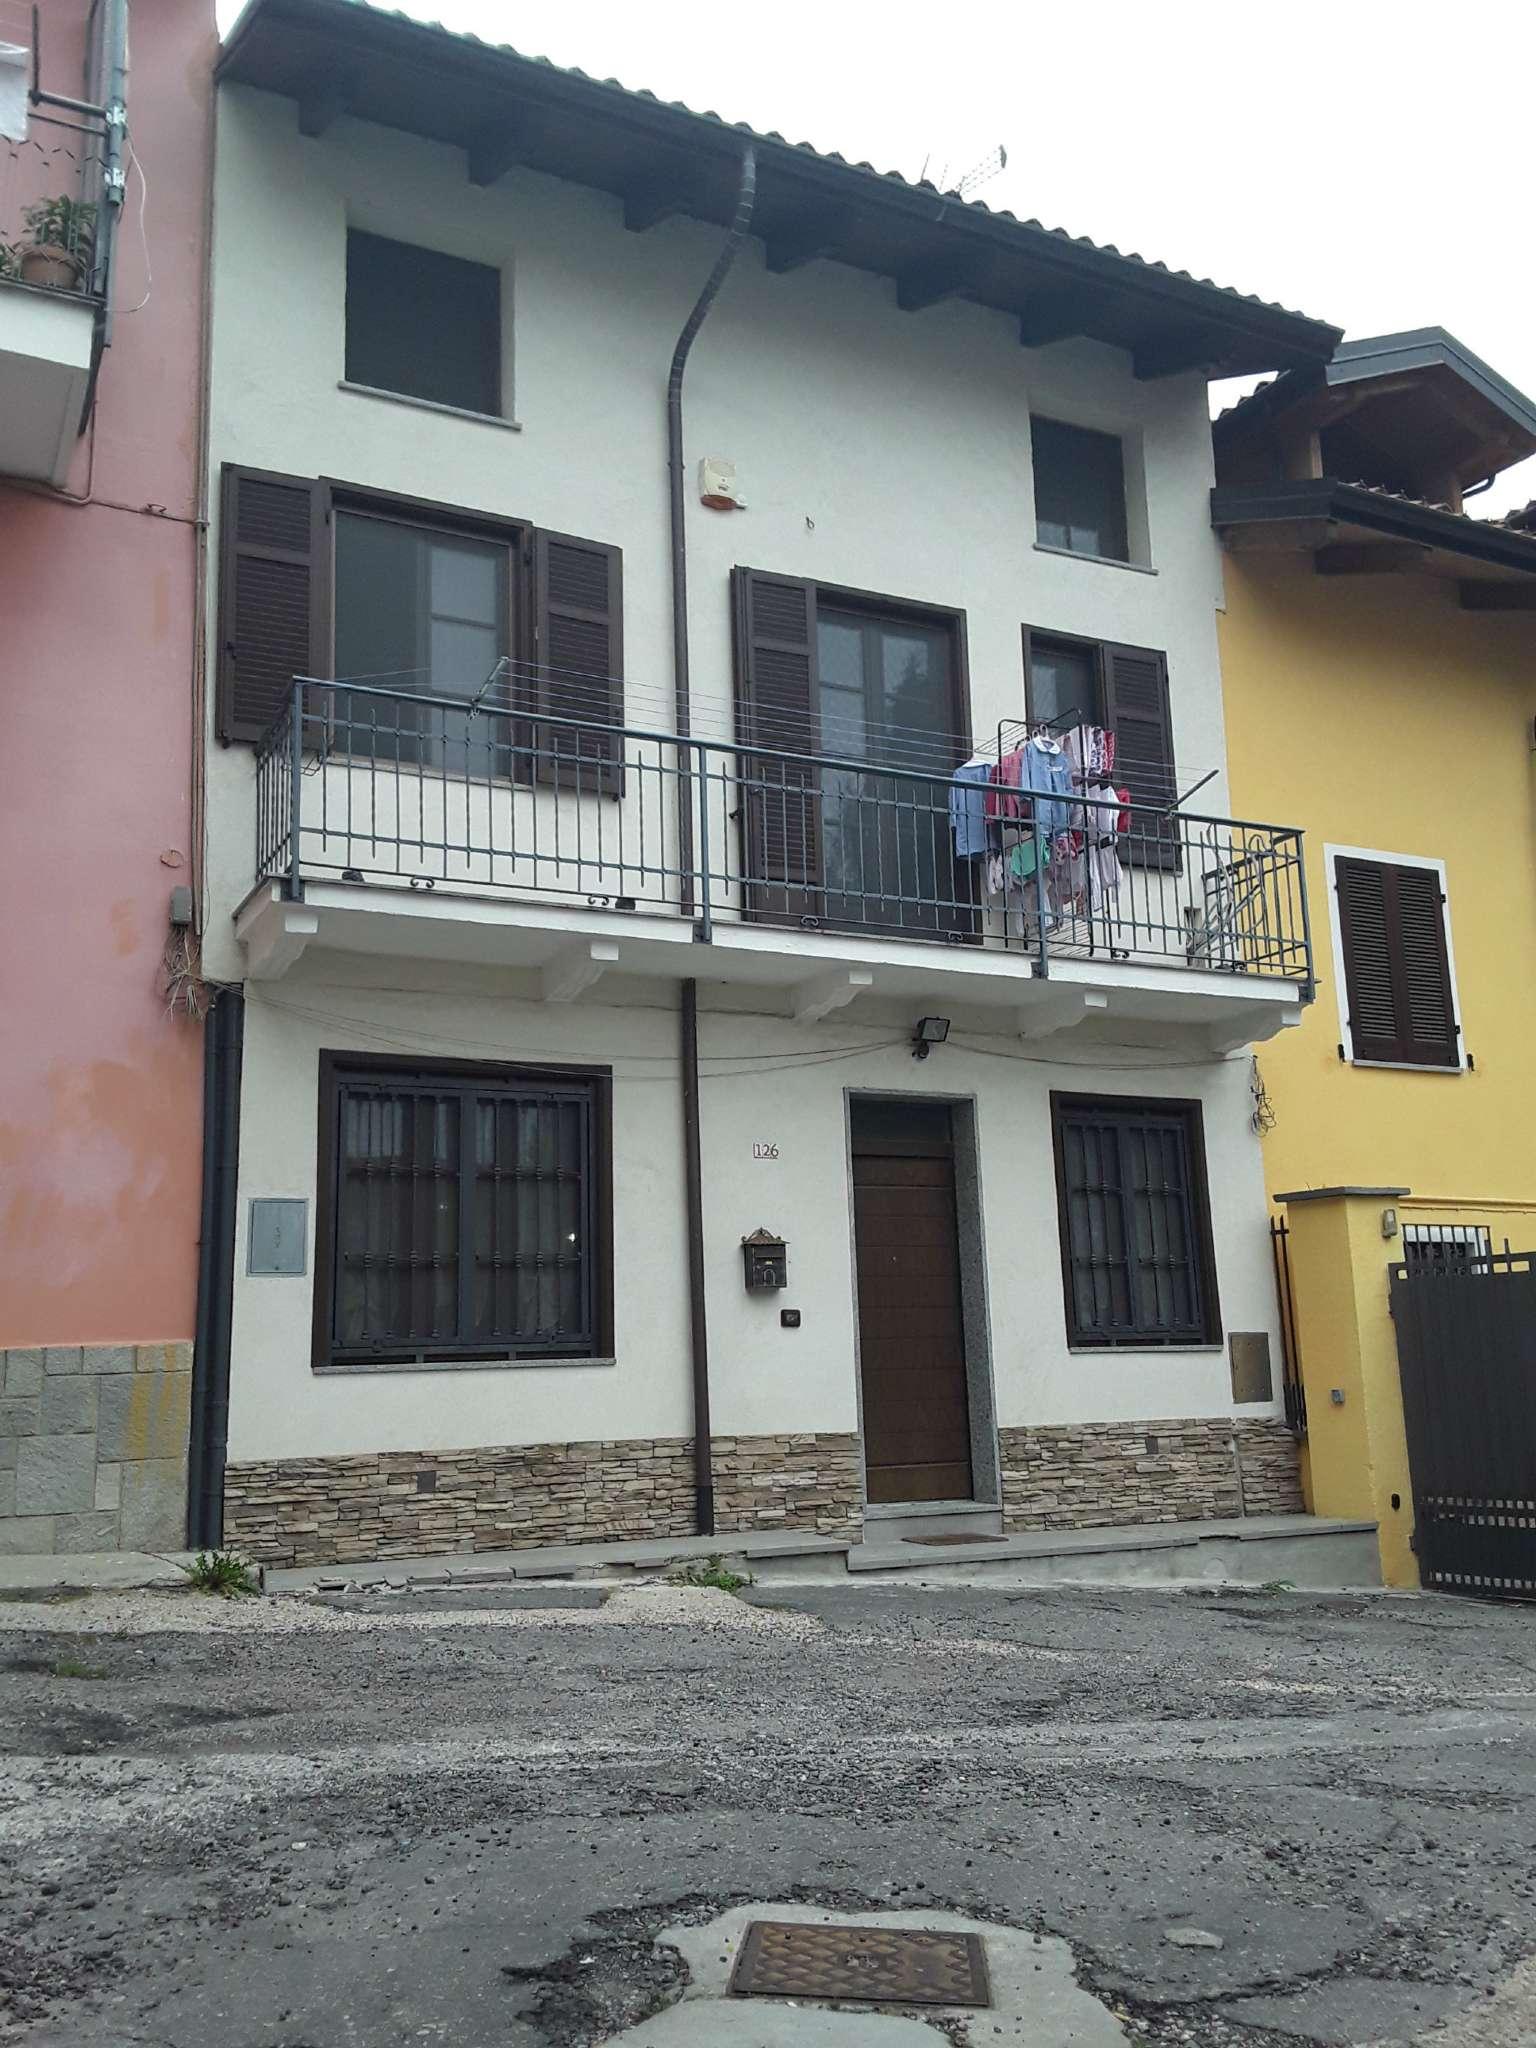 Soluzione Indipendente in vendita a Rivoli, 5 locali, prezzo € 266.000 | CambioCasa.it